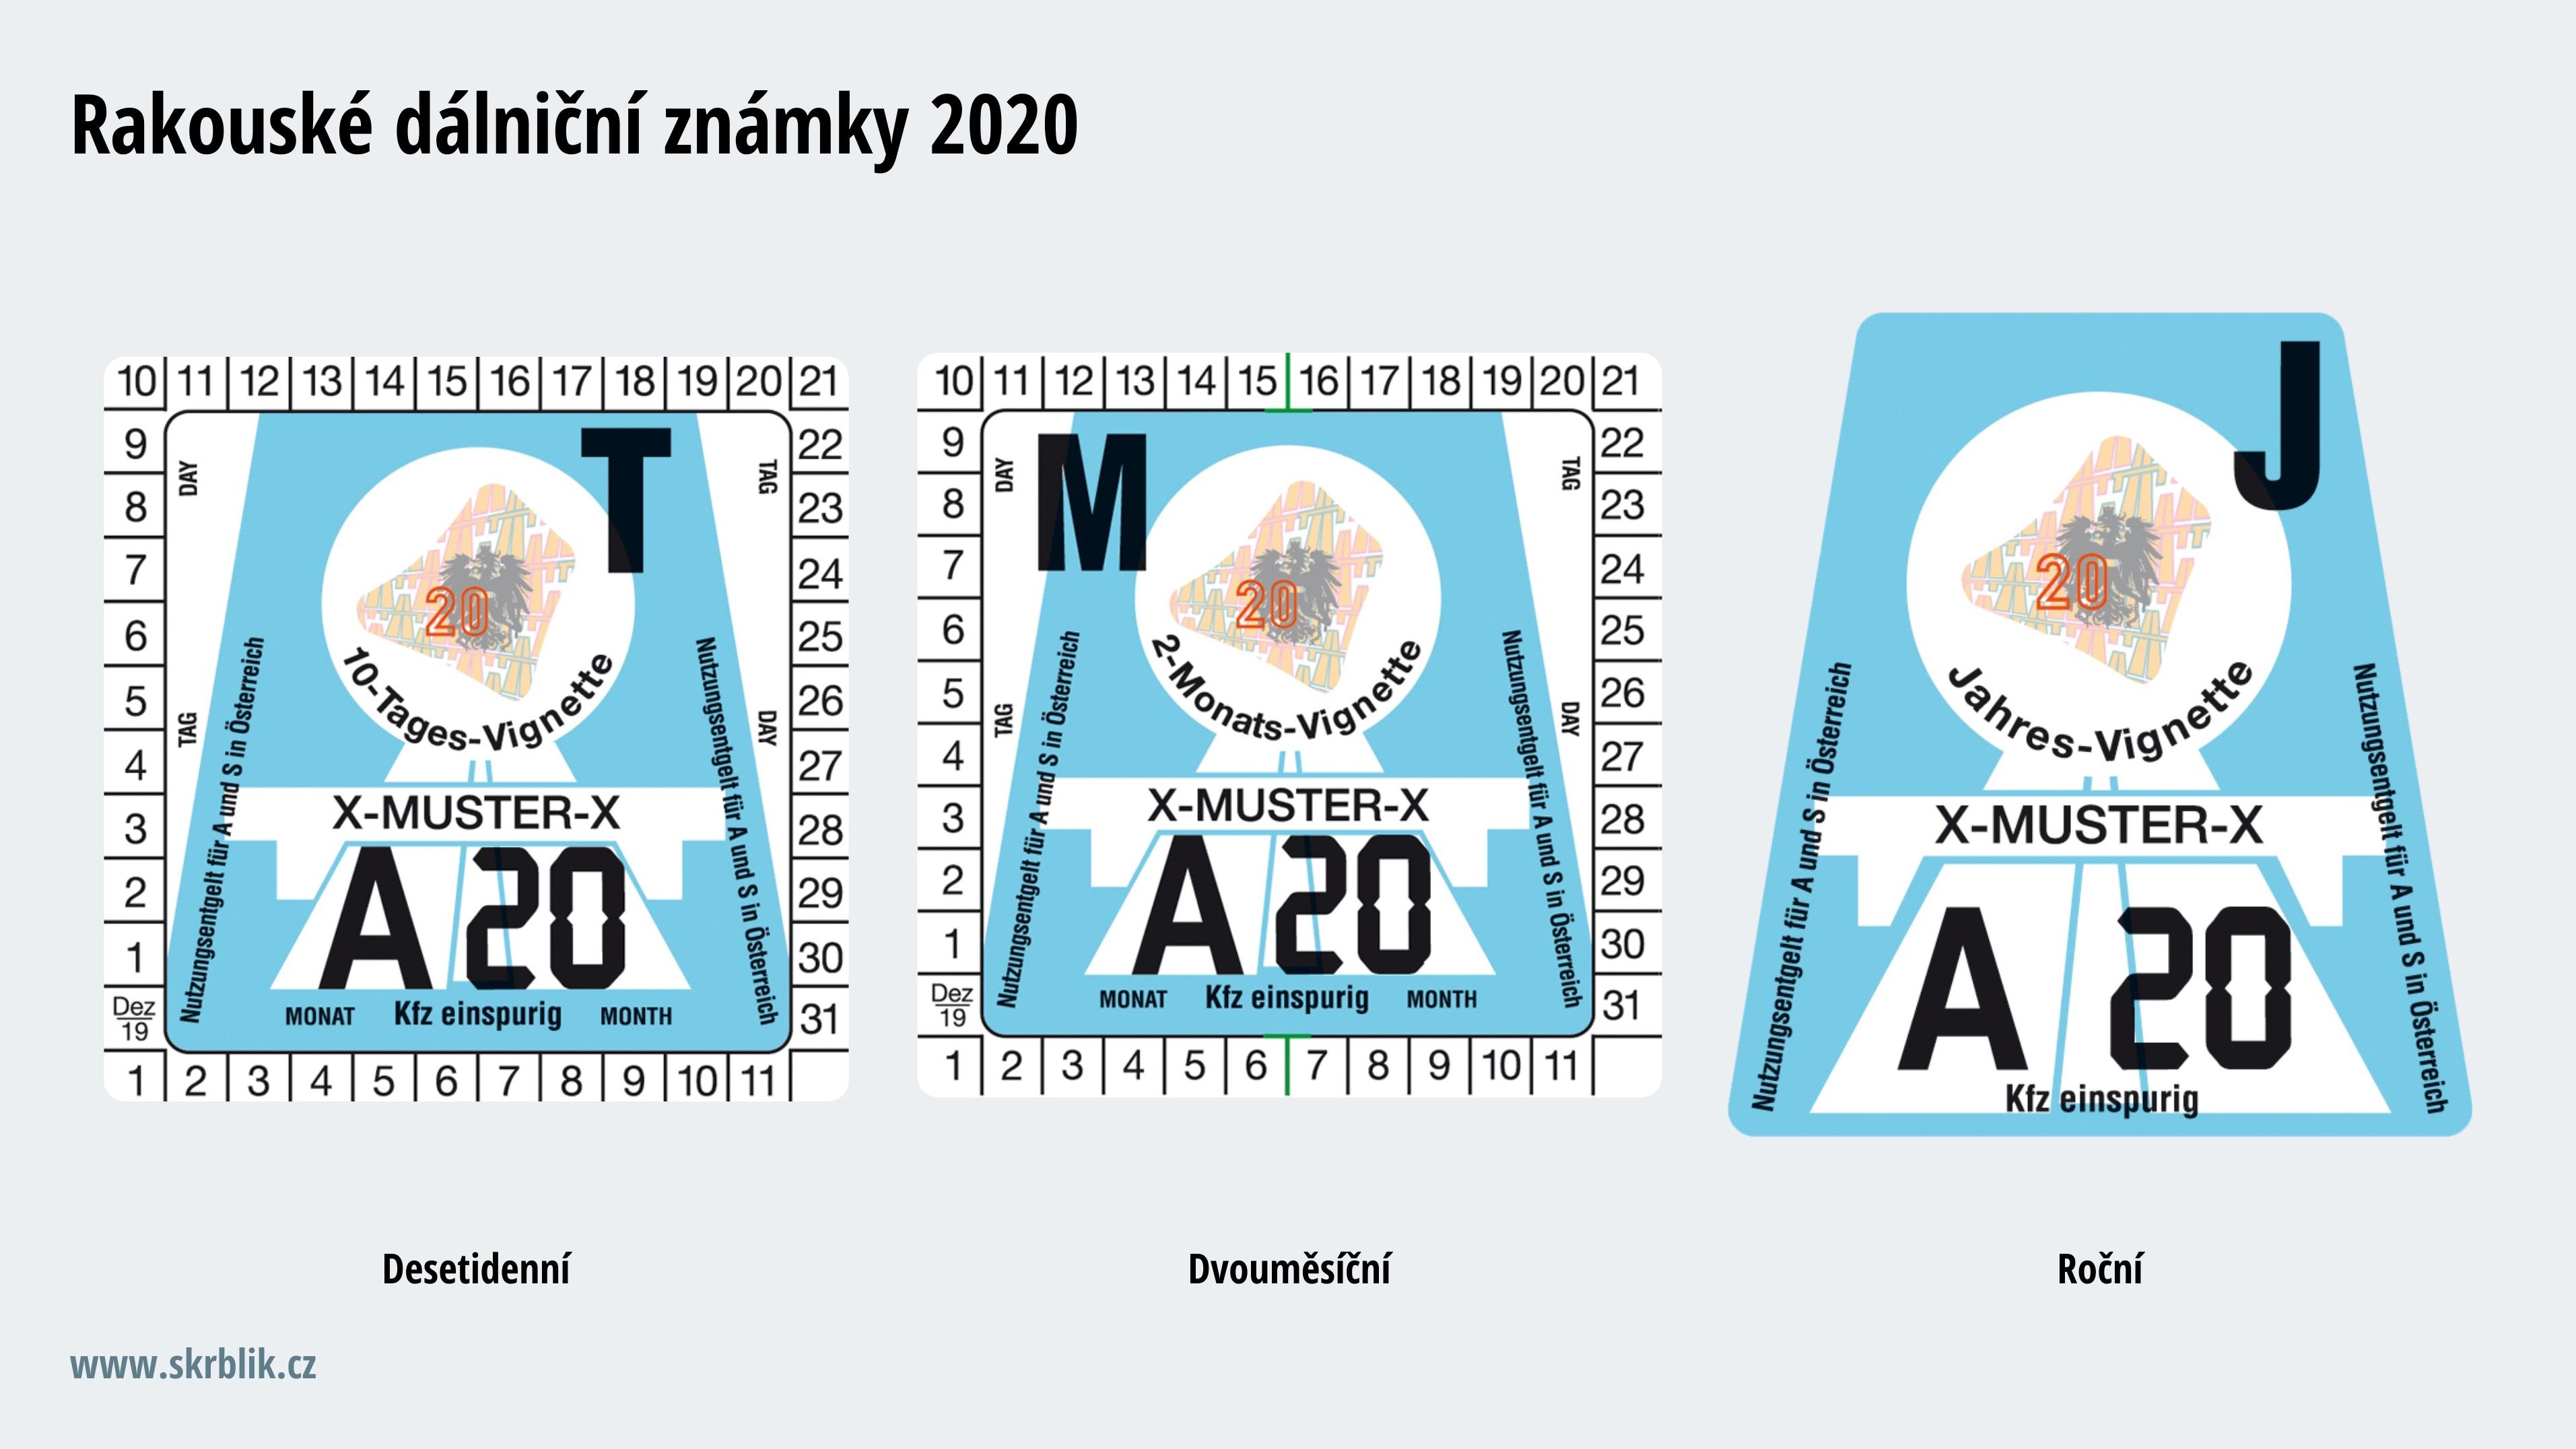 Dalnicni Znamka Rakousko 2020 Cena Kde Koupit Placene Useky